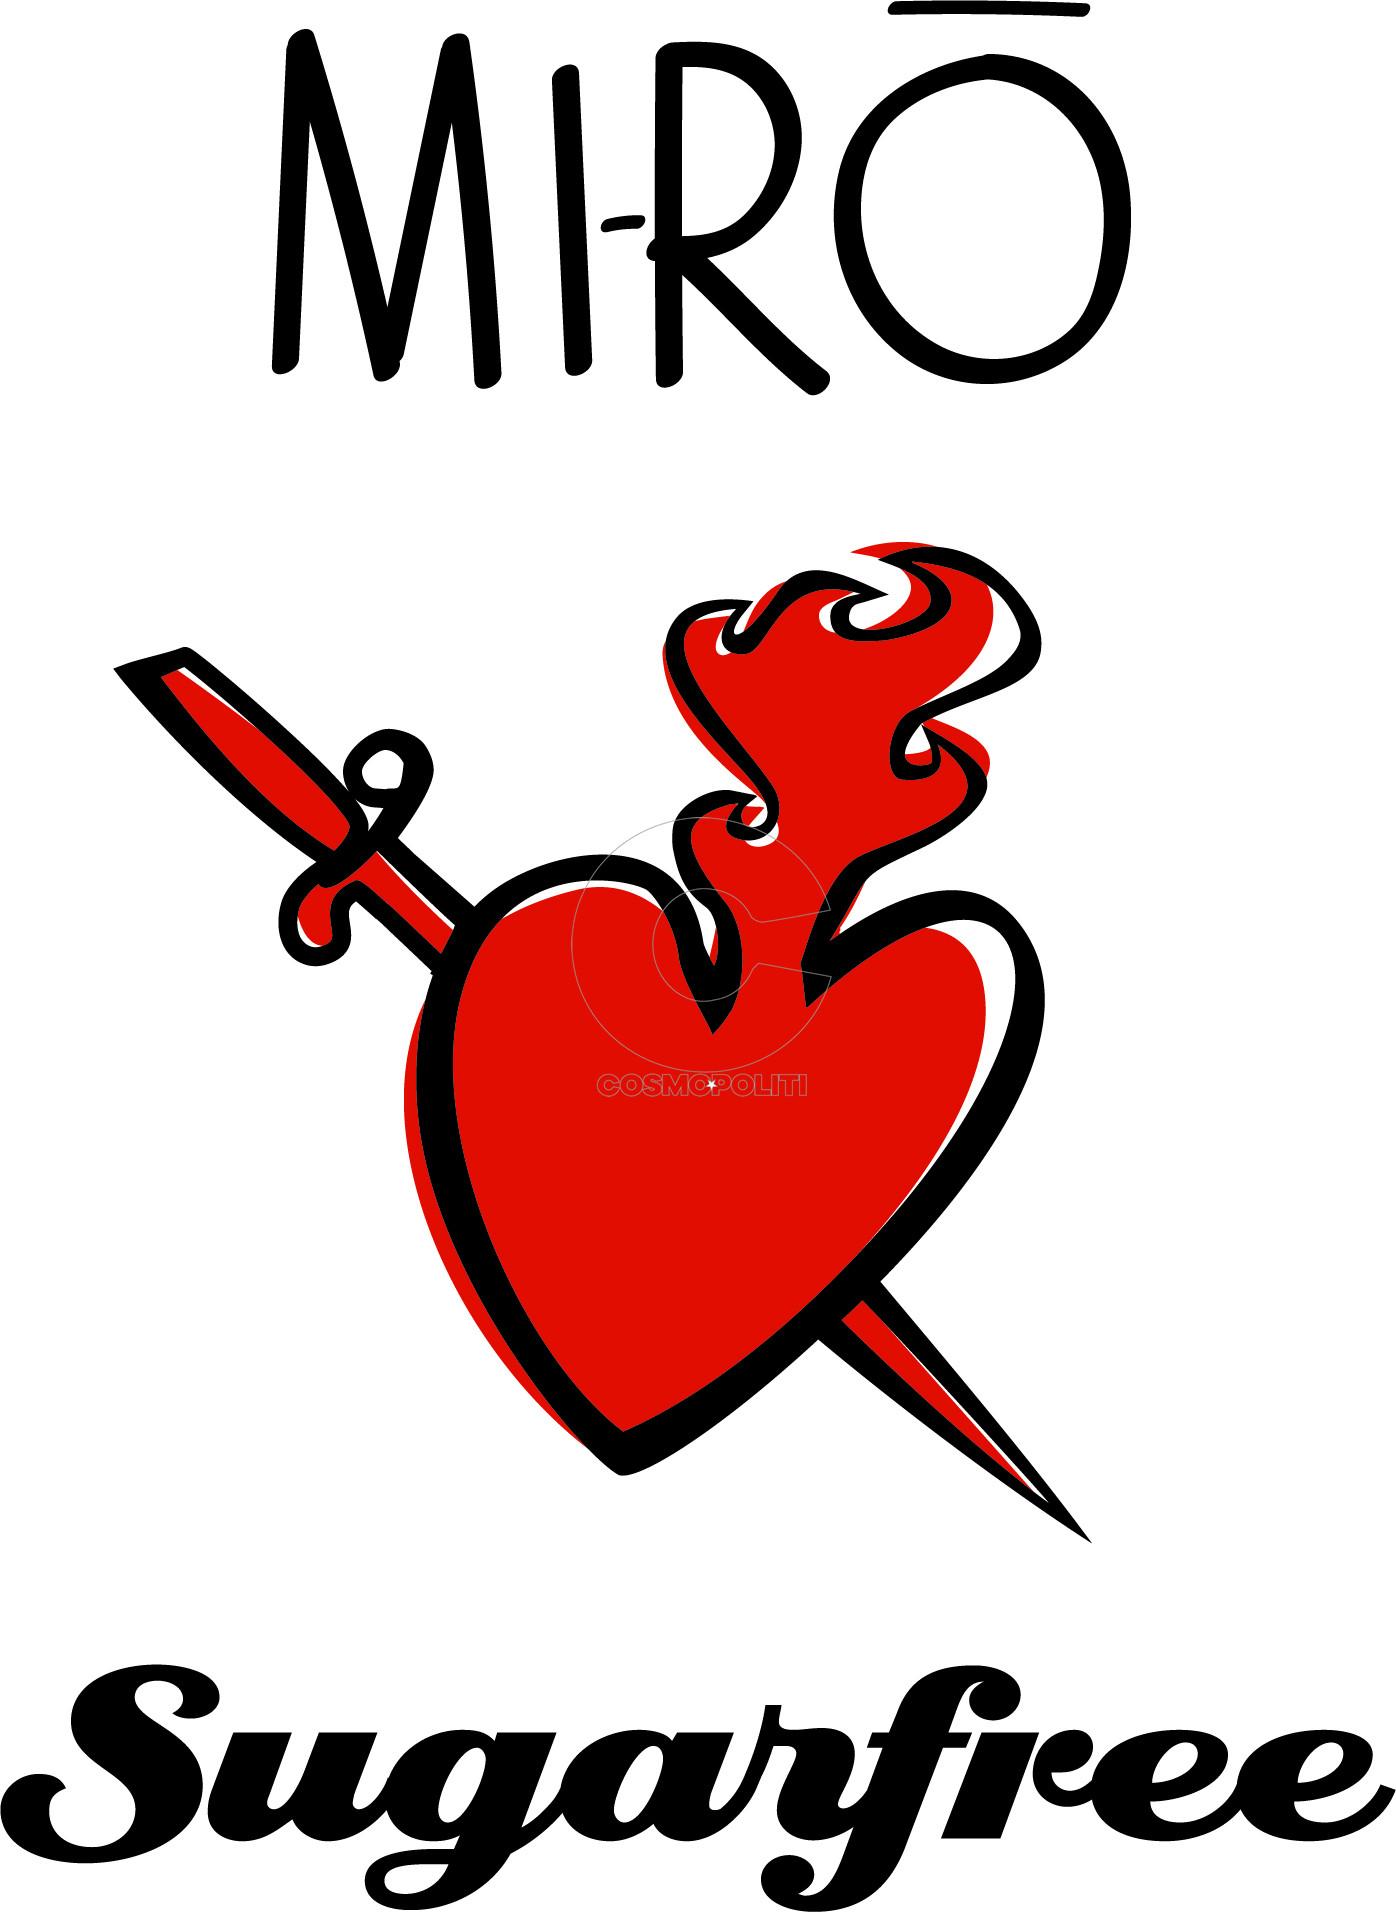 MiRoLovesSugarfree_logo